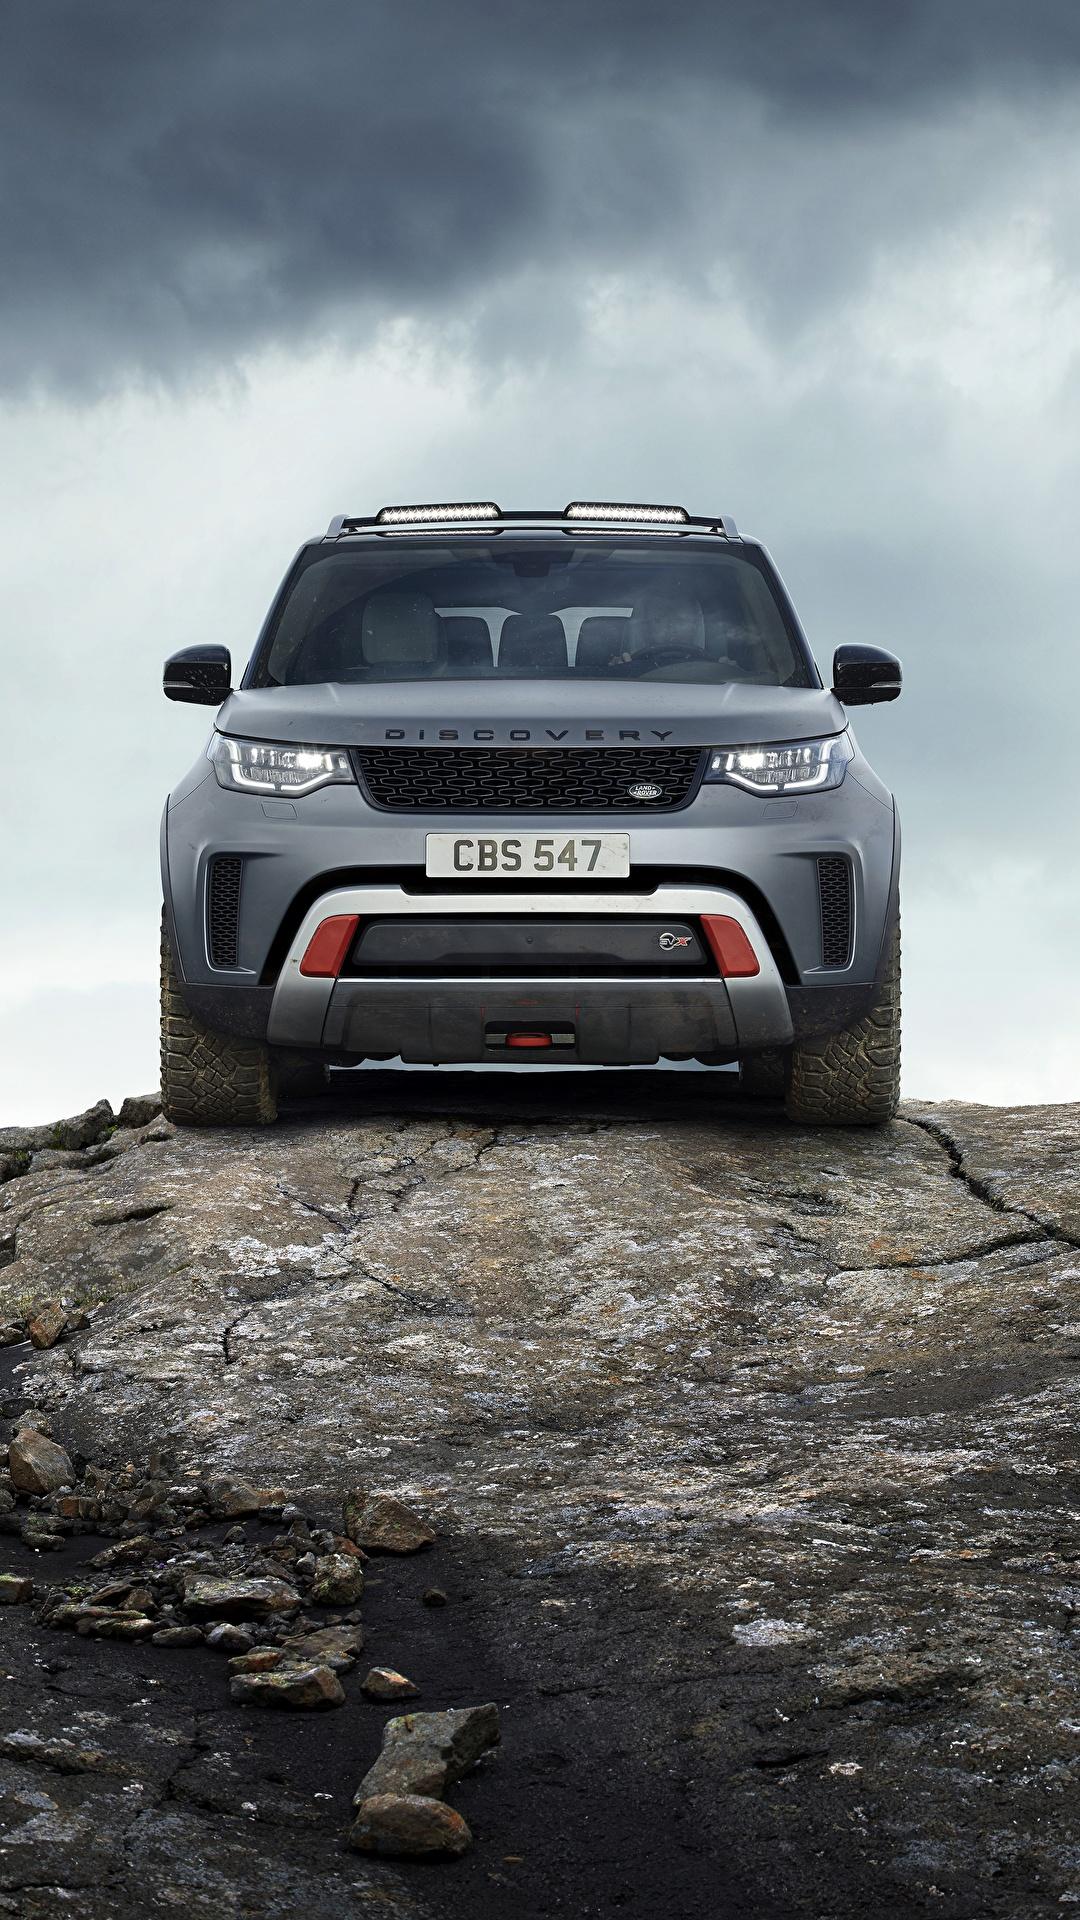 Фотографии Range Rover Внедорожник Discovery 4x4 2017 V8 SVX 525 скалы серая Камни Спереди Металлик Автомобили 1080x1920 для мобильного телефона Land Rover SUV Утес скале Скала Серый серые авто Камень машины машина автомобиль